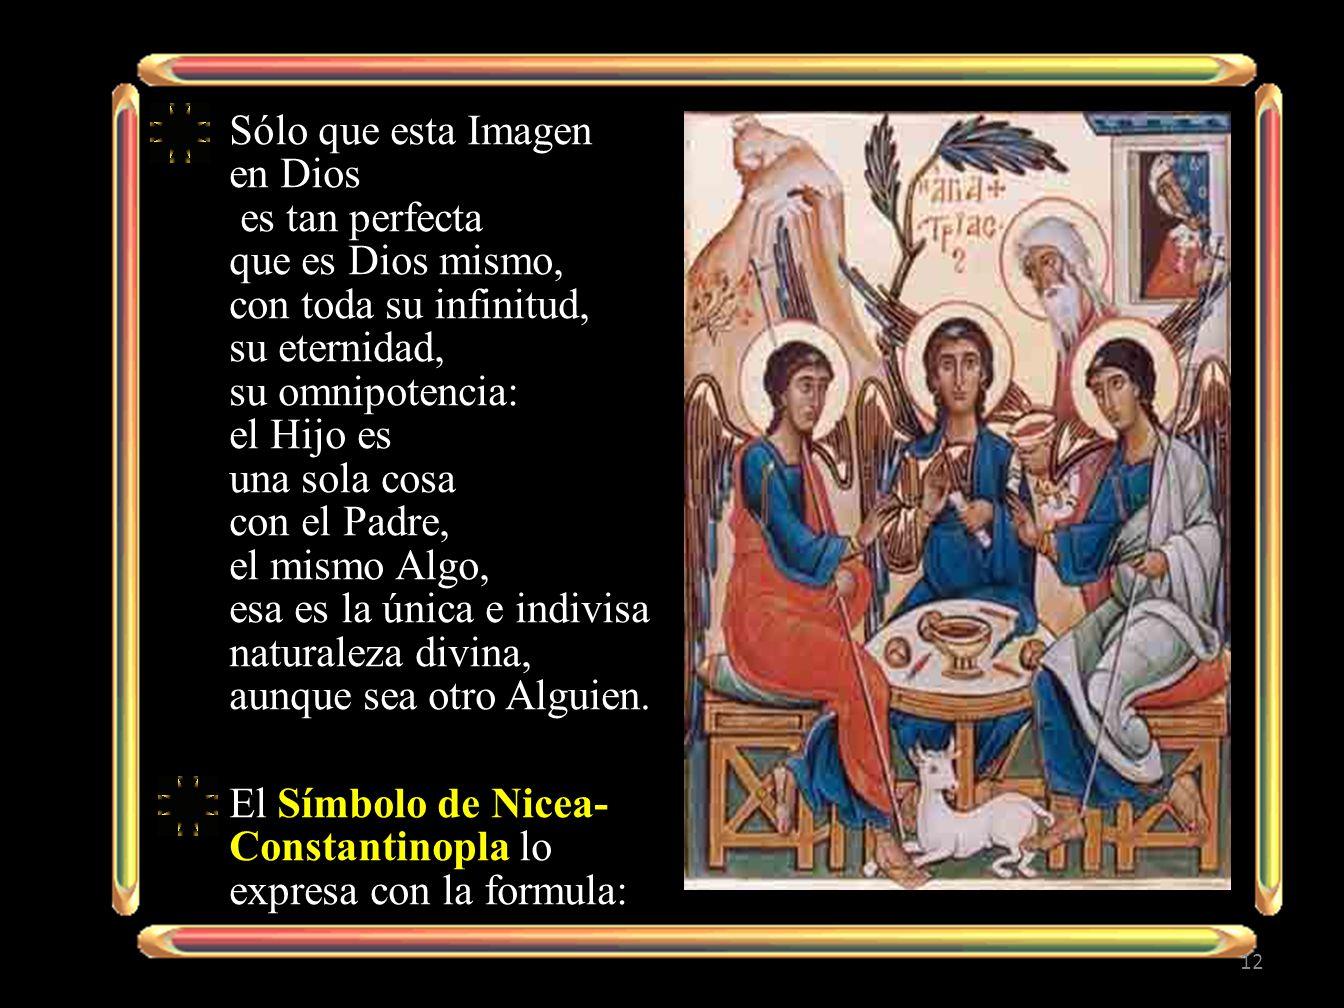 Sólo que esta Imagen en Dios es tan perfecta que es Dios mismo, con toda su infinitud, su eternidad, su omnipotencia: el Hijo es una sola cosa con el Padre, el mismo Algo, esa es la única e indivisa naturaleza divina, aunque sea otro Alguien.